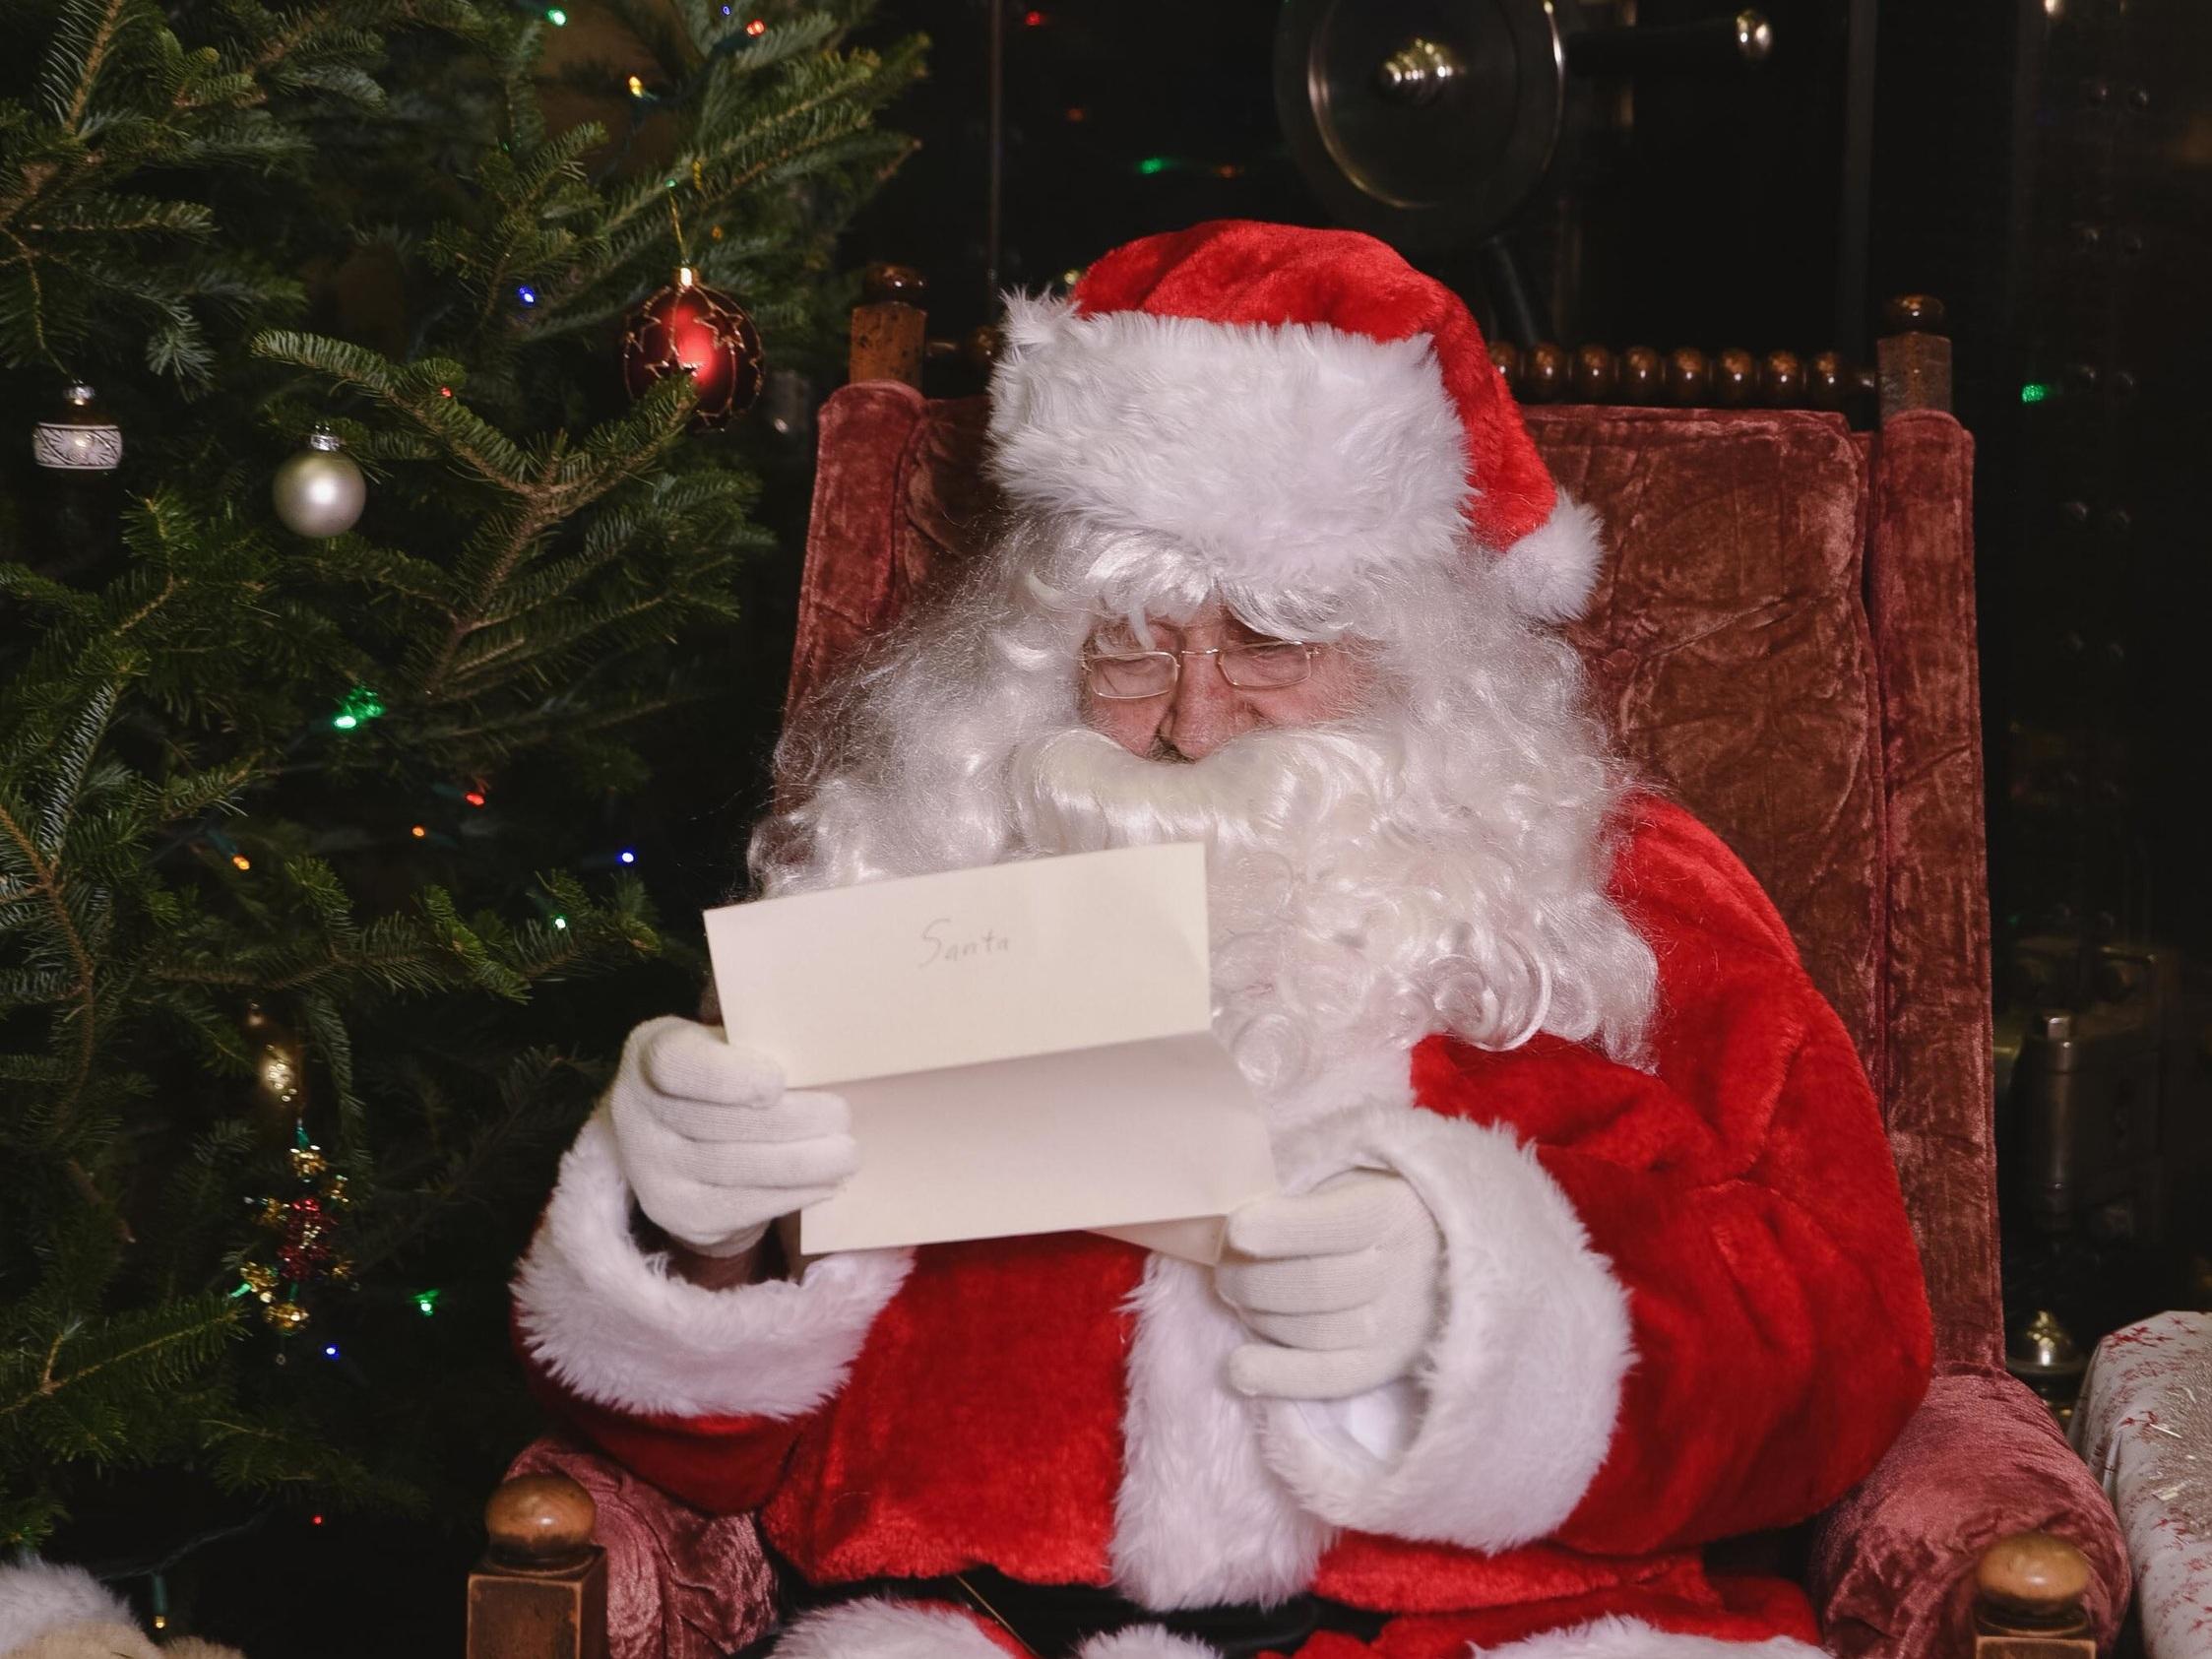 034+-+2018+Santa+-+Farmer%27s+State+Bank+of+Hamel.jpg